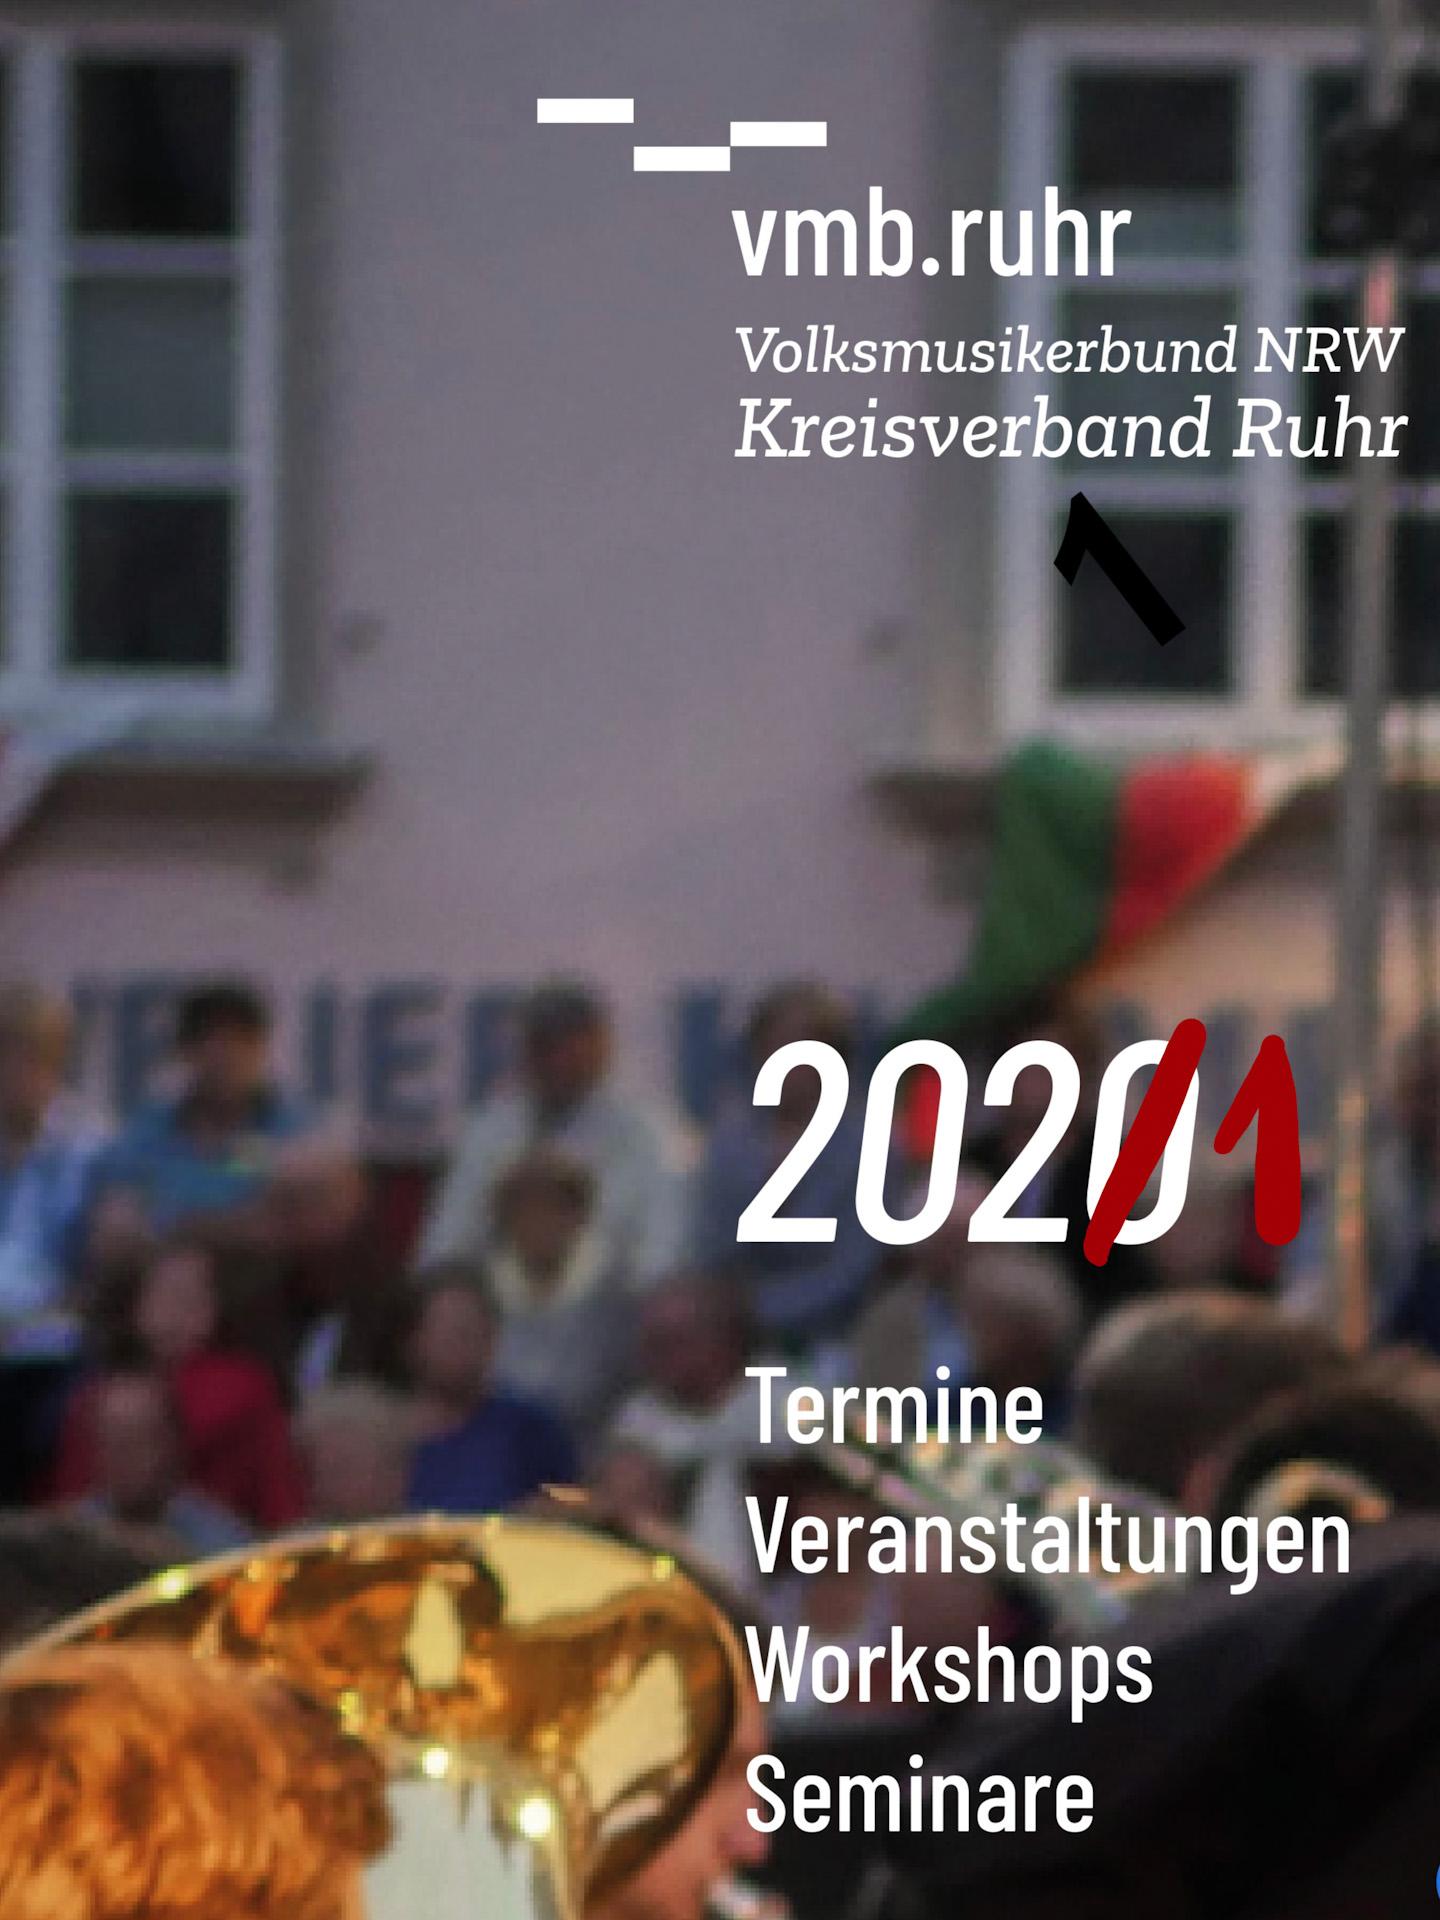 Achtung: Absage aller VMB-Veranstaltungen!